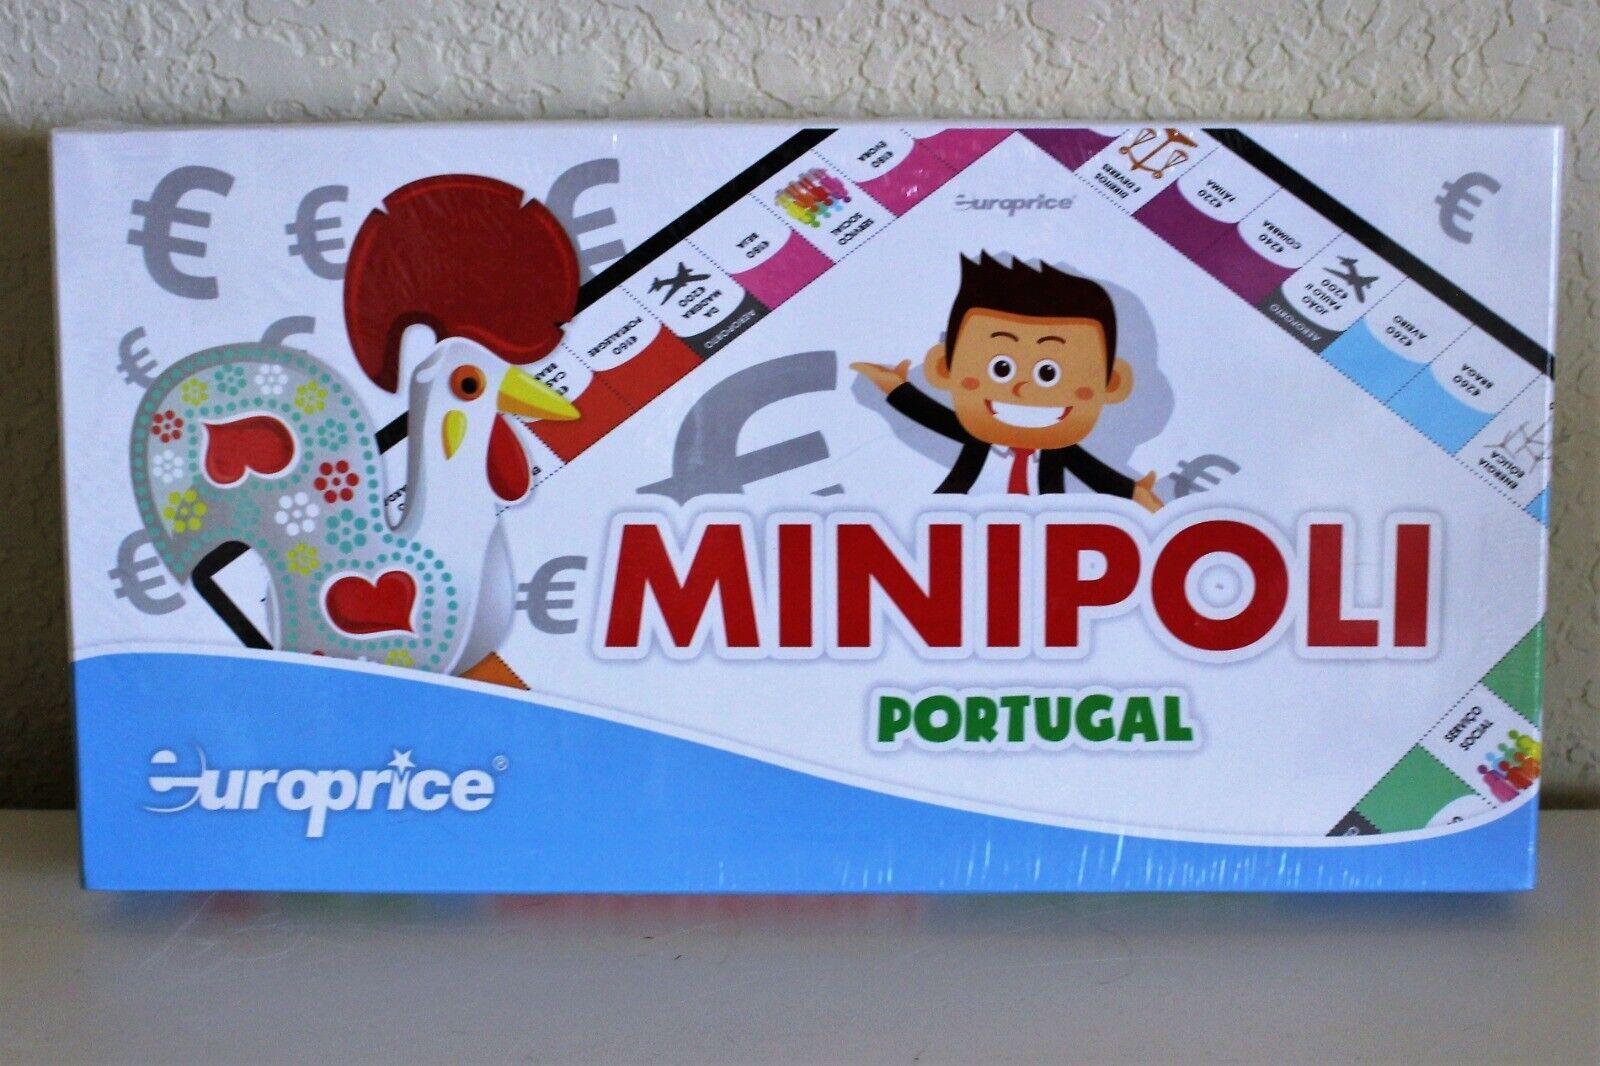 RARE  Europrice Minipoli Portugal Portuguese Monopoly NEW MIB